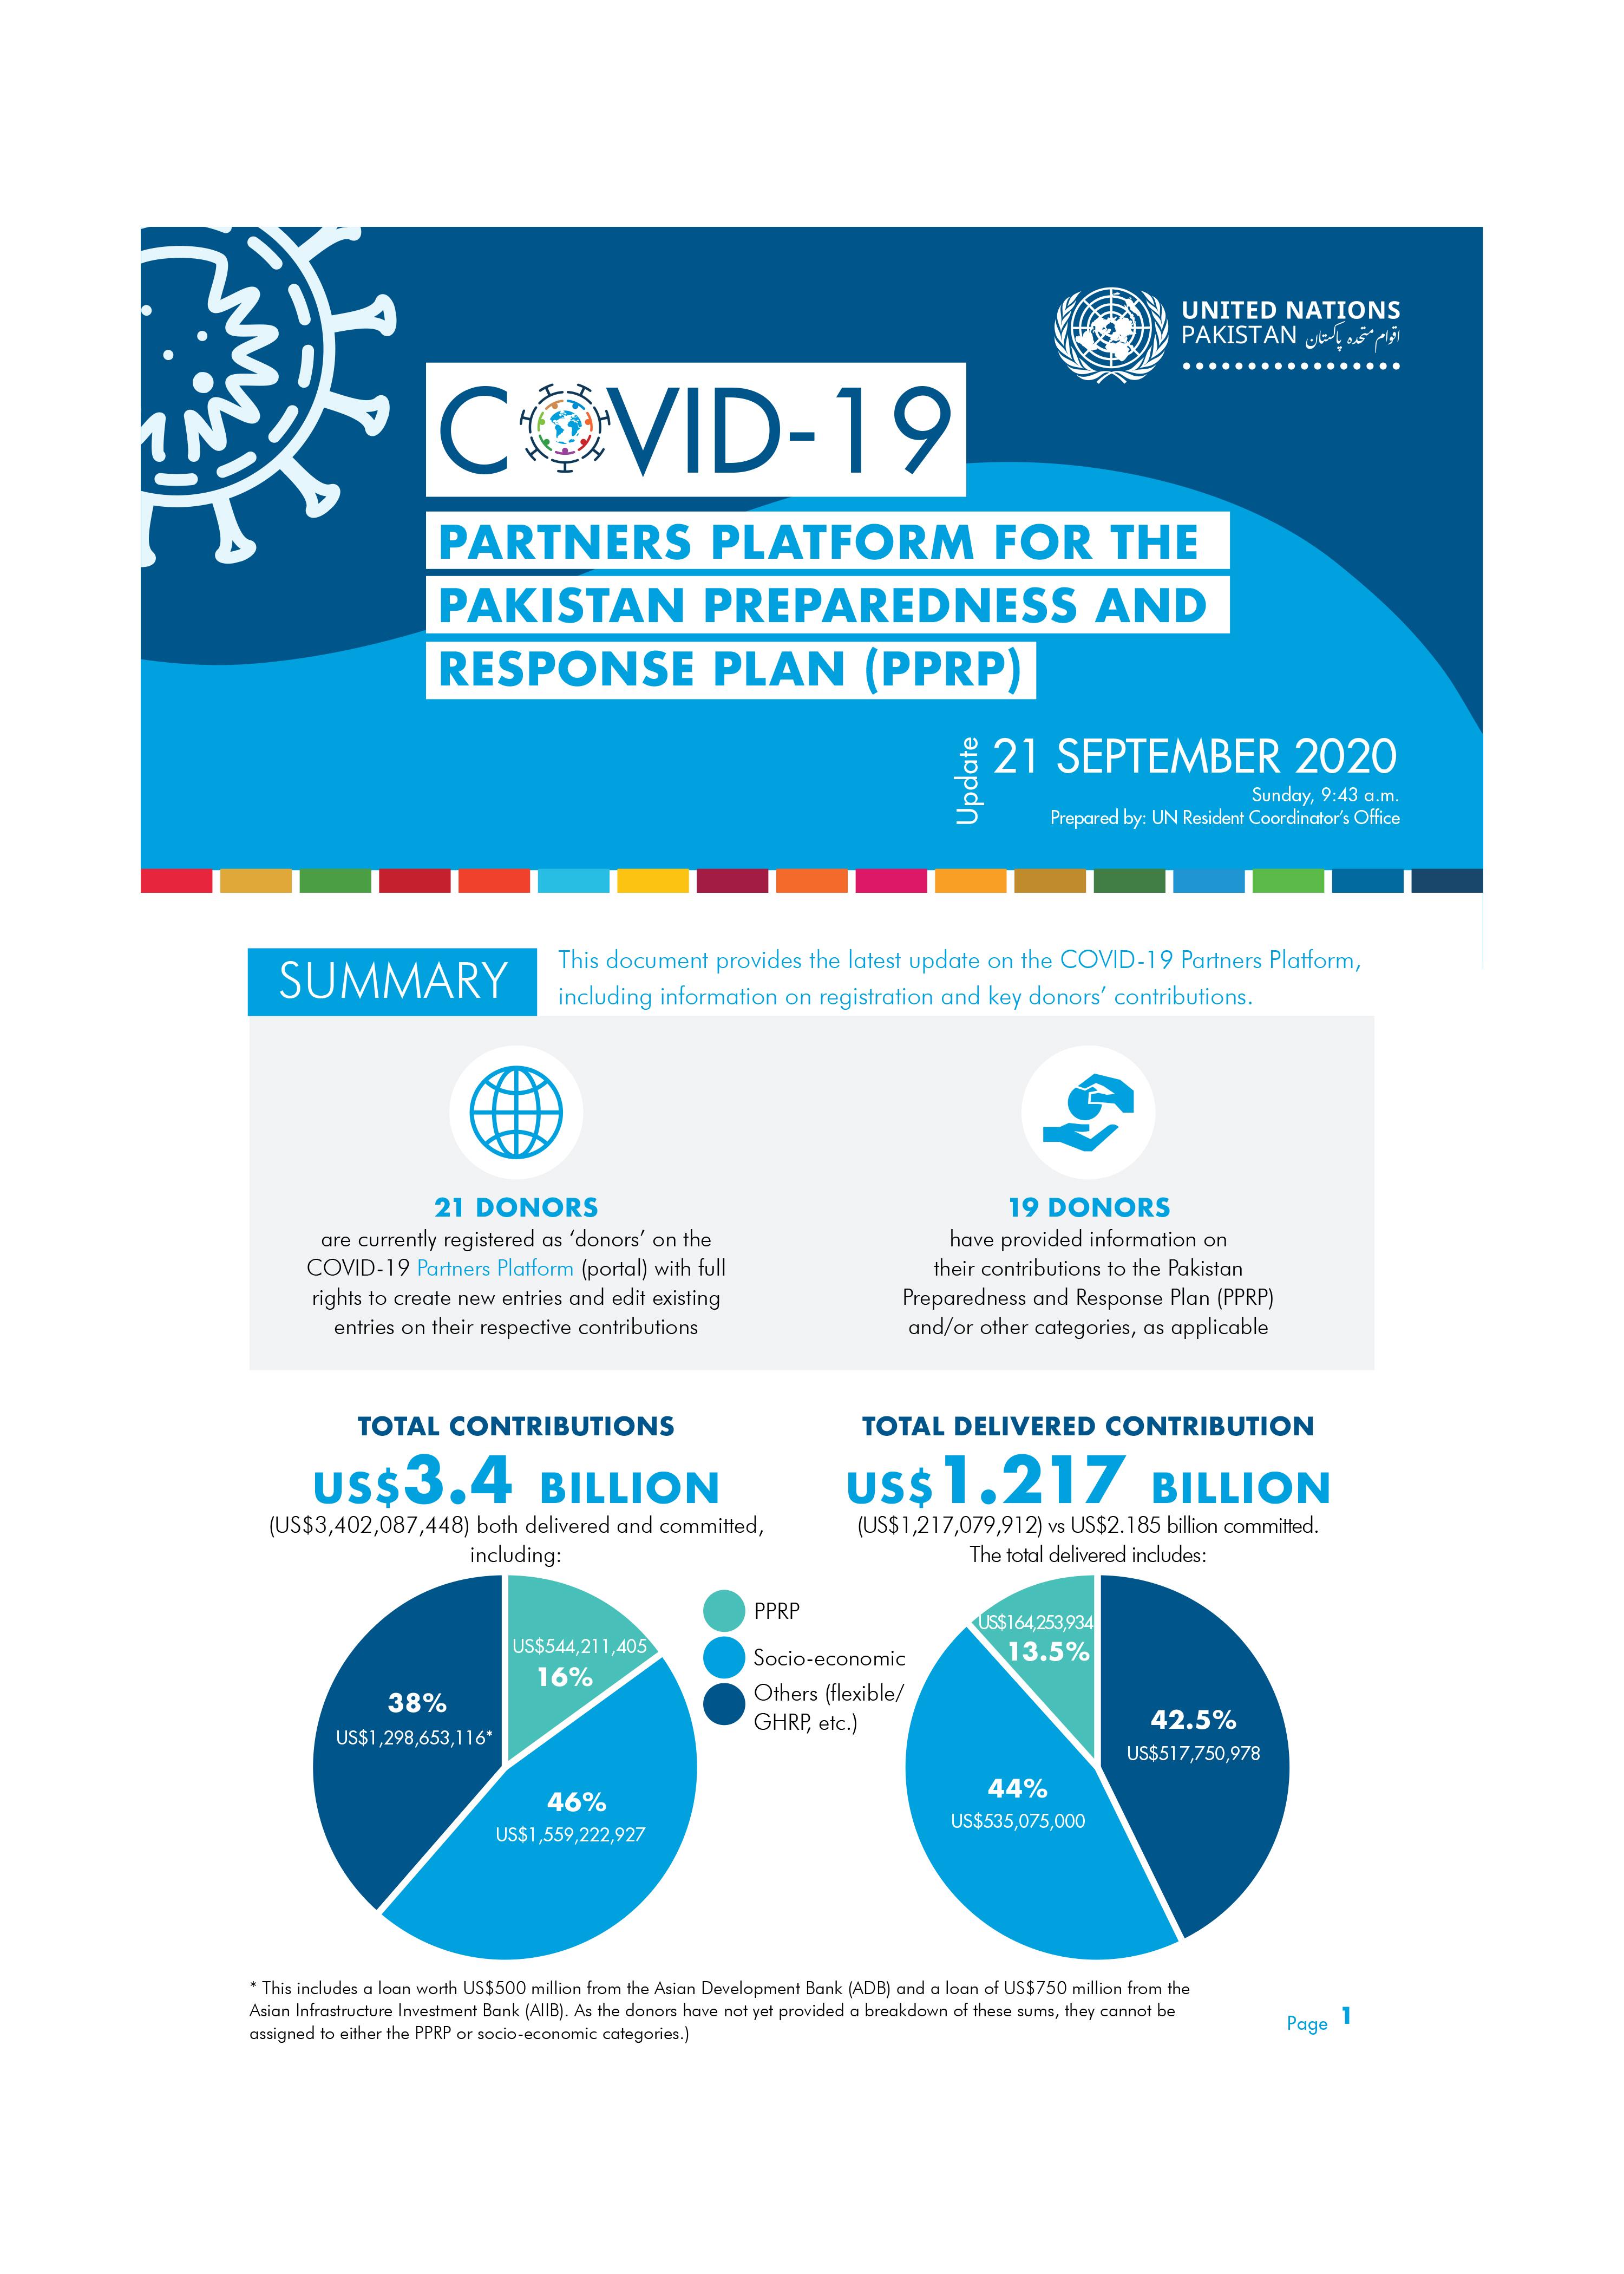 Partners Platform for the Pakistan Preparedness and Response Plan (PPRP) - 21 September 2020